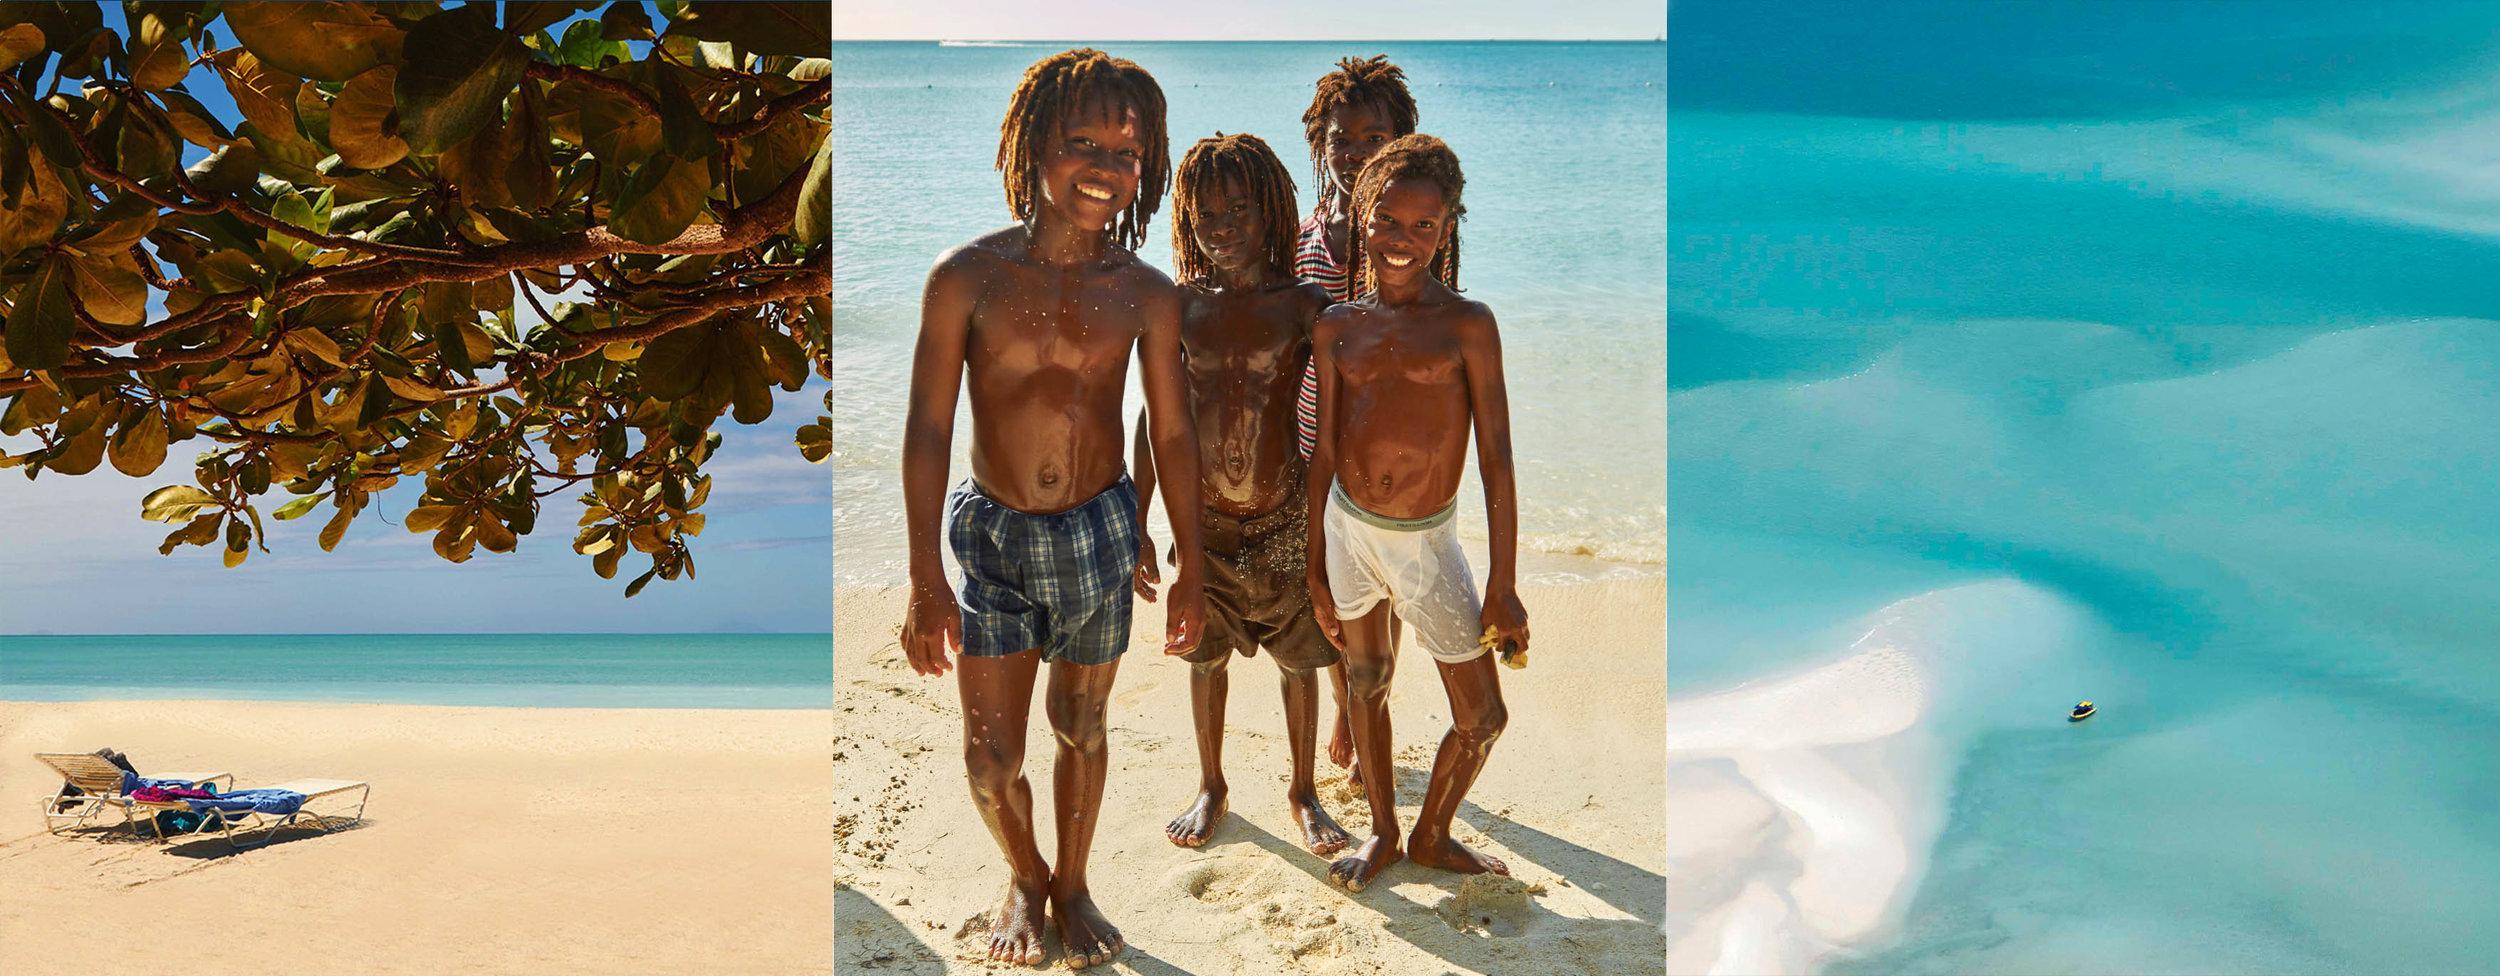 Caribbean 3 image banner.jpg